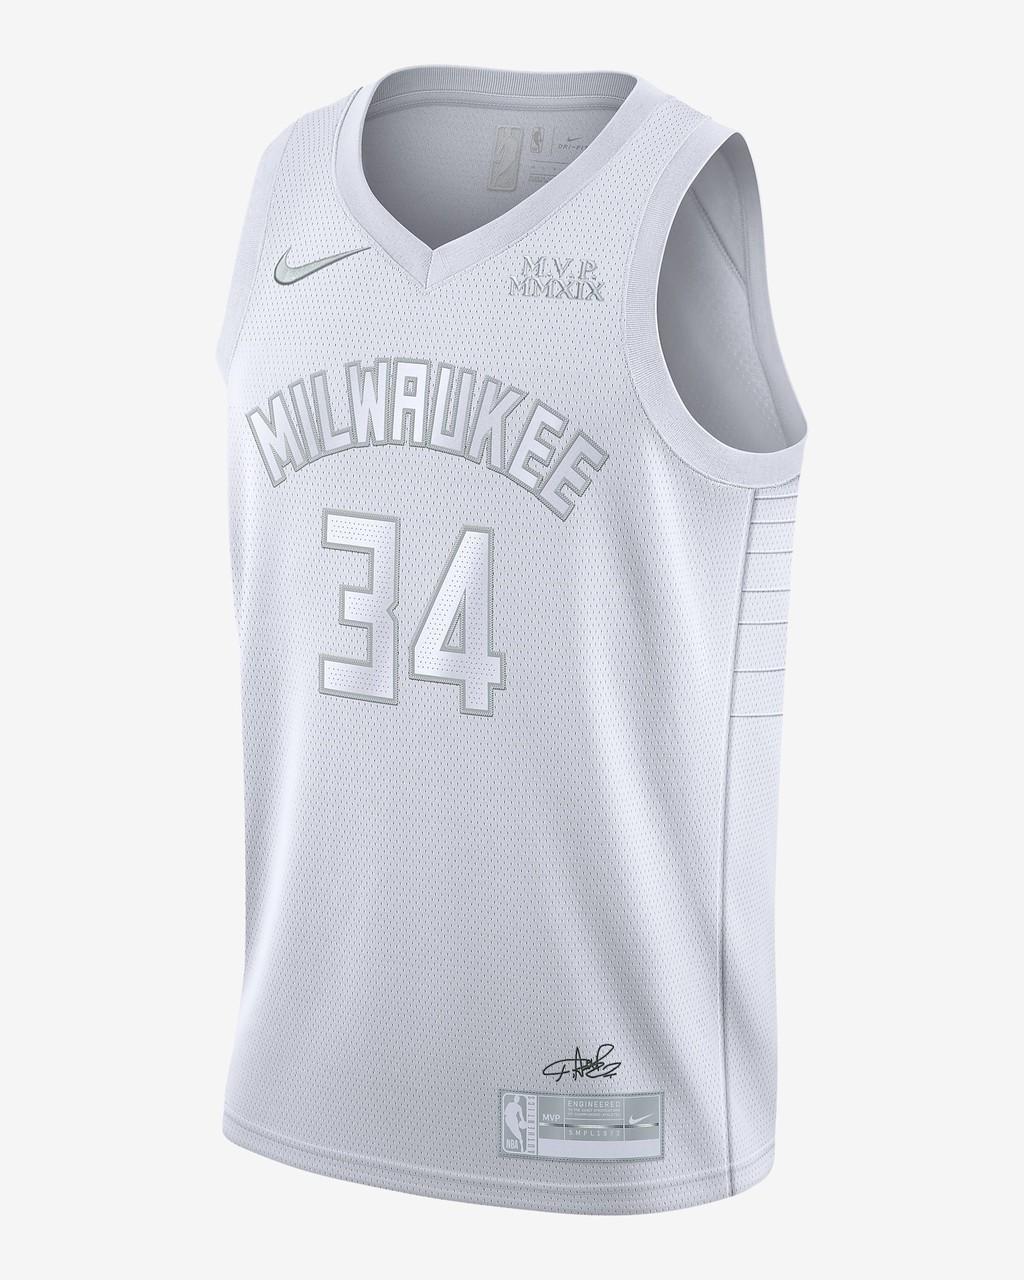 Regata Nike NBA Bucks Giannis Antetokounmpo MVP - 2020